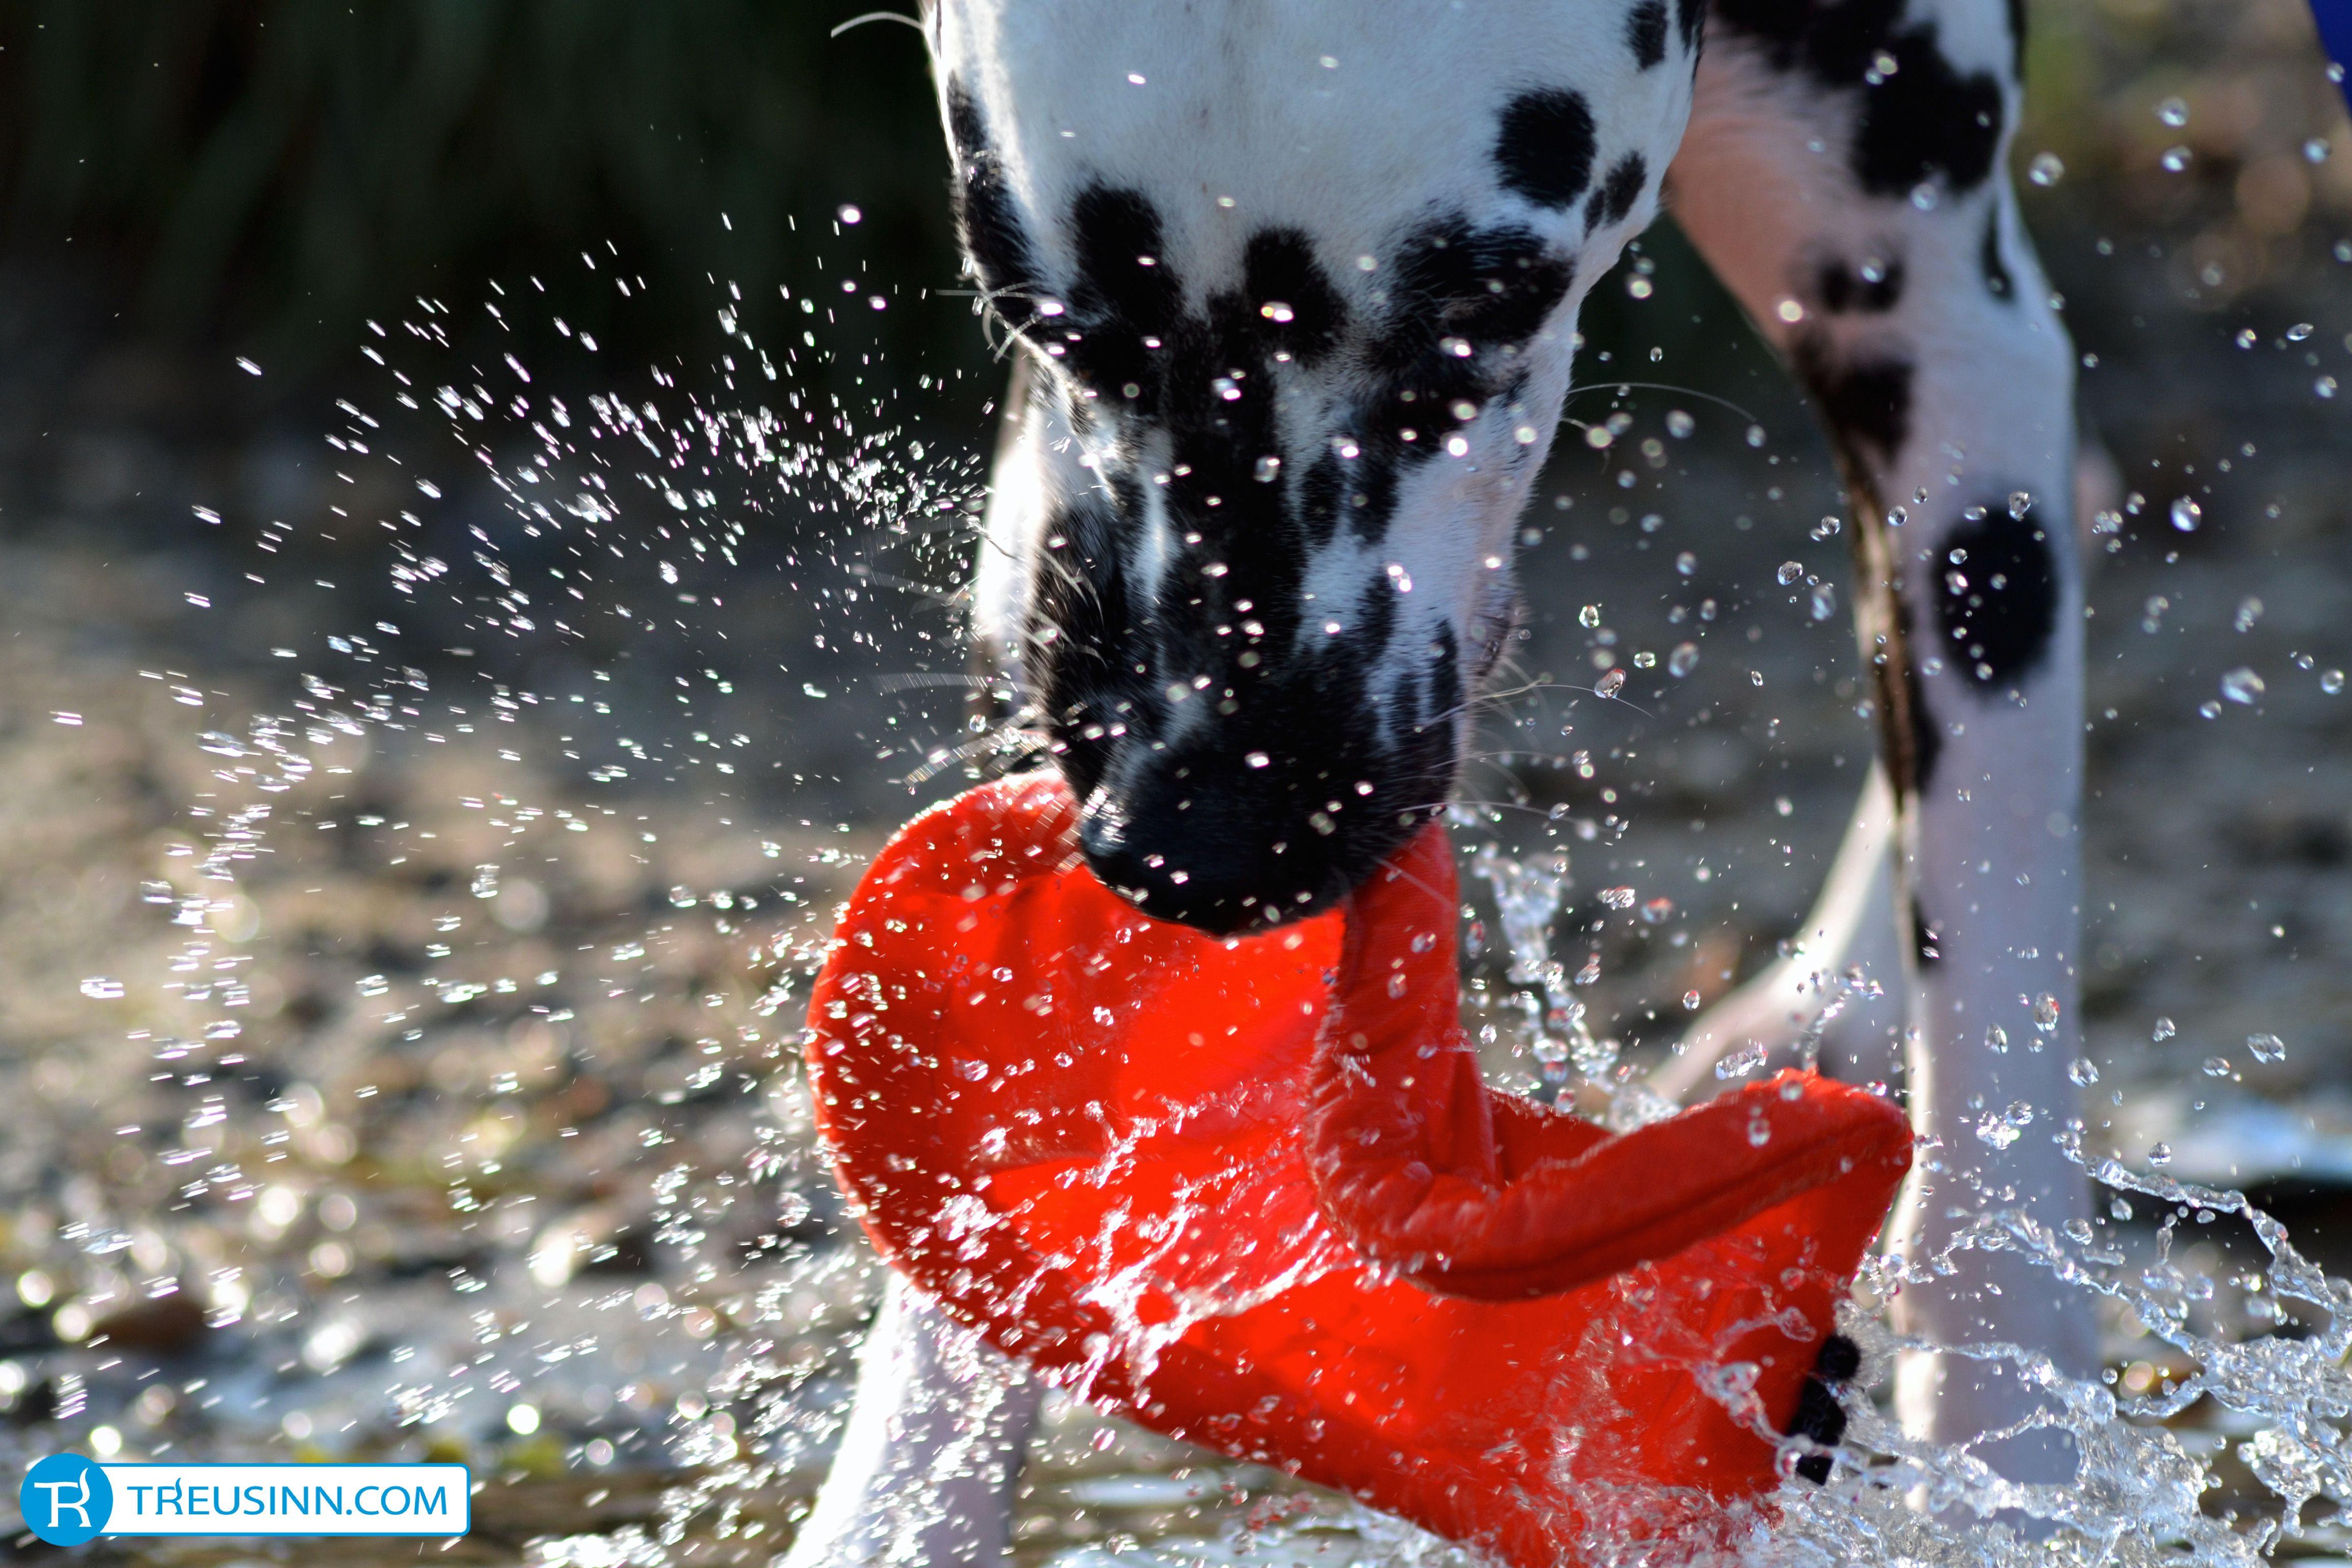 Das Frisbee von Treusinn lässt Hunde-Herzen höher fliegen! http://www.treusinn.com/hund/hundefrisbee-stoff #Treusinn